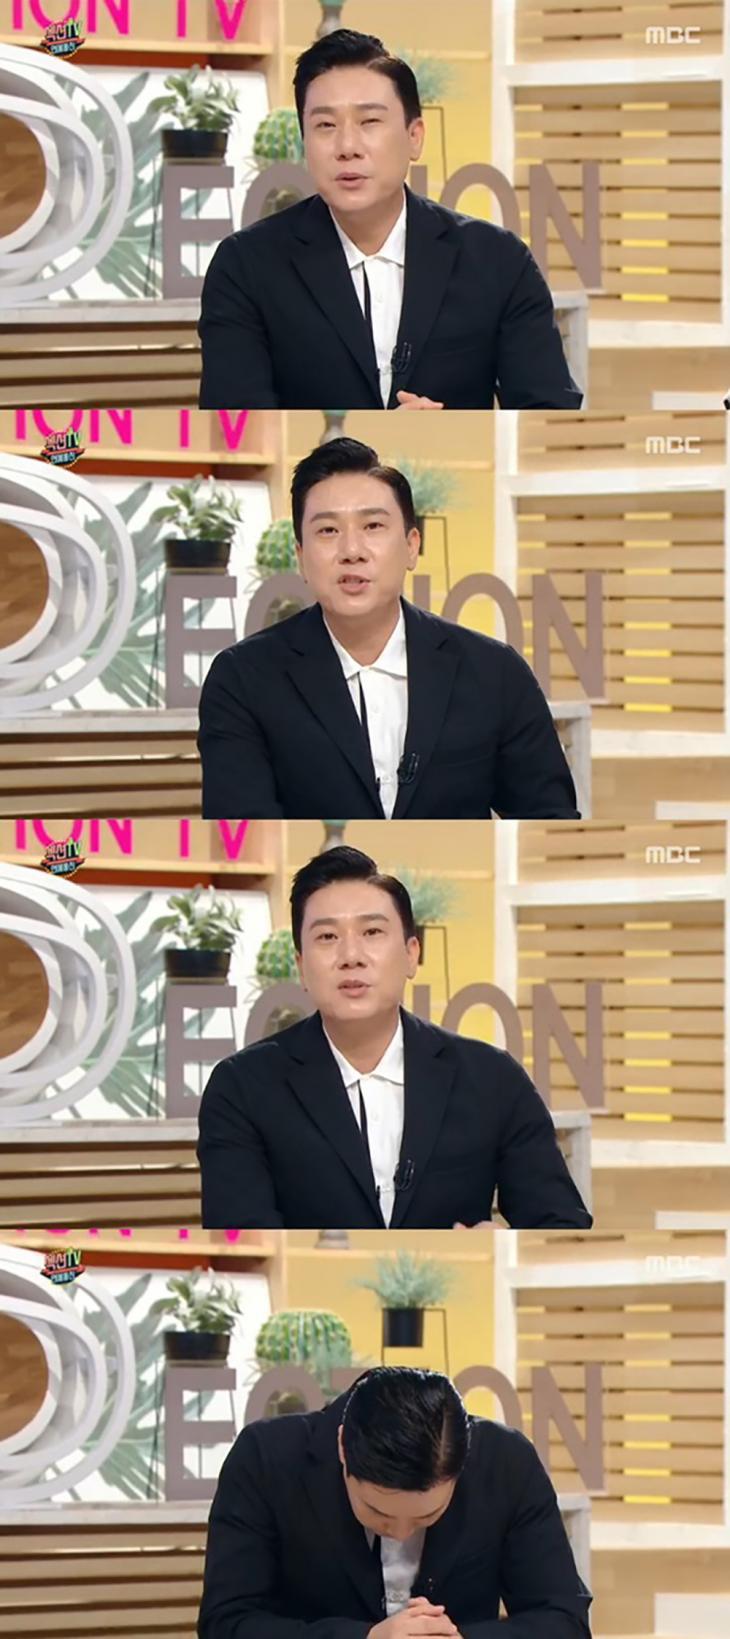 이상민 / MBC '섹션TV 연예통신' 방송캡처